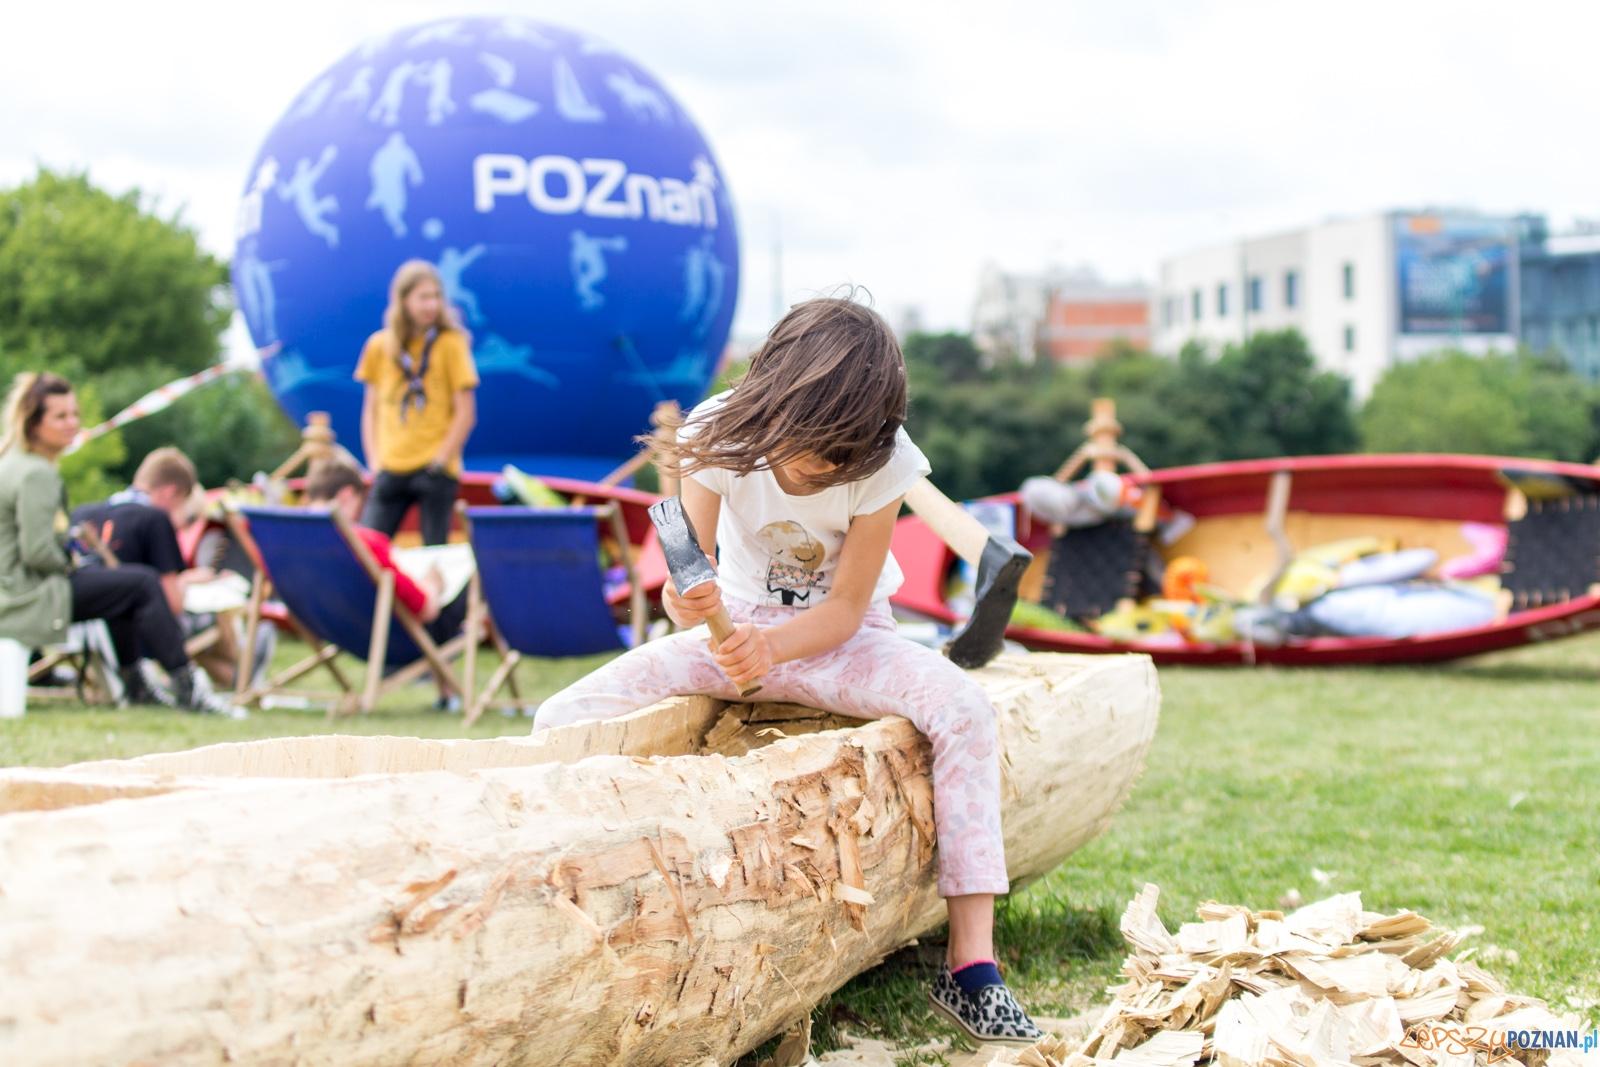 """Turystyczno-rekreacyjne regaty """"Rzeczny Match Racing""""  Foto: lepszyPOZNAN.pl / Ewelina Jaśkowiak"""